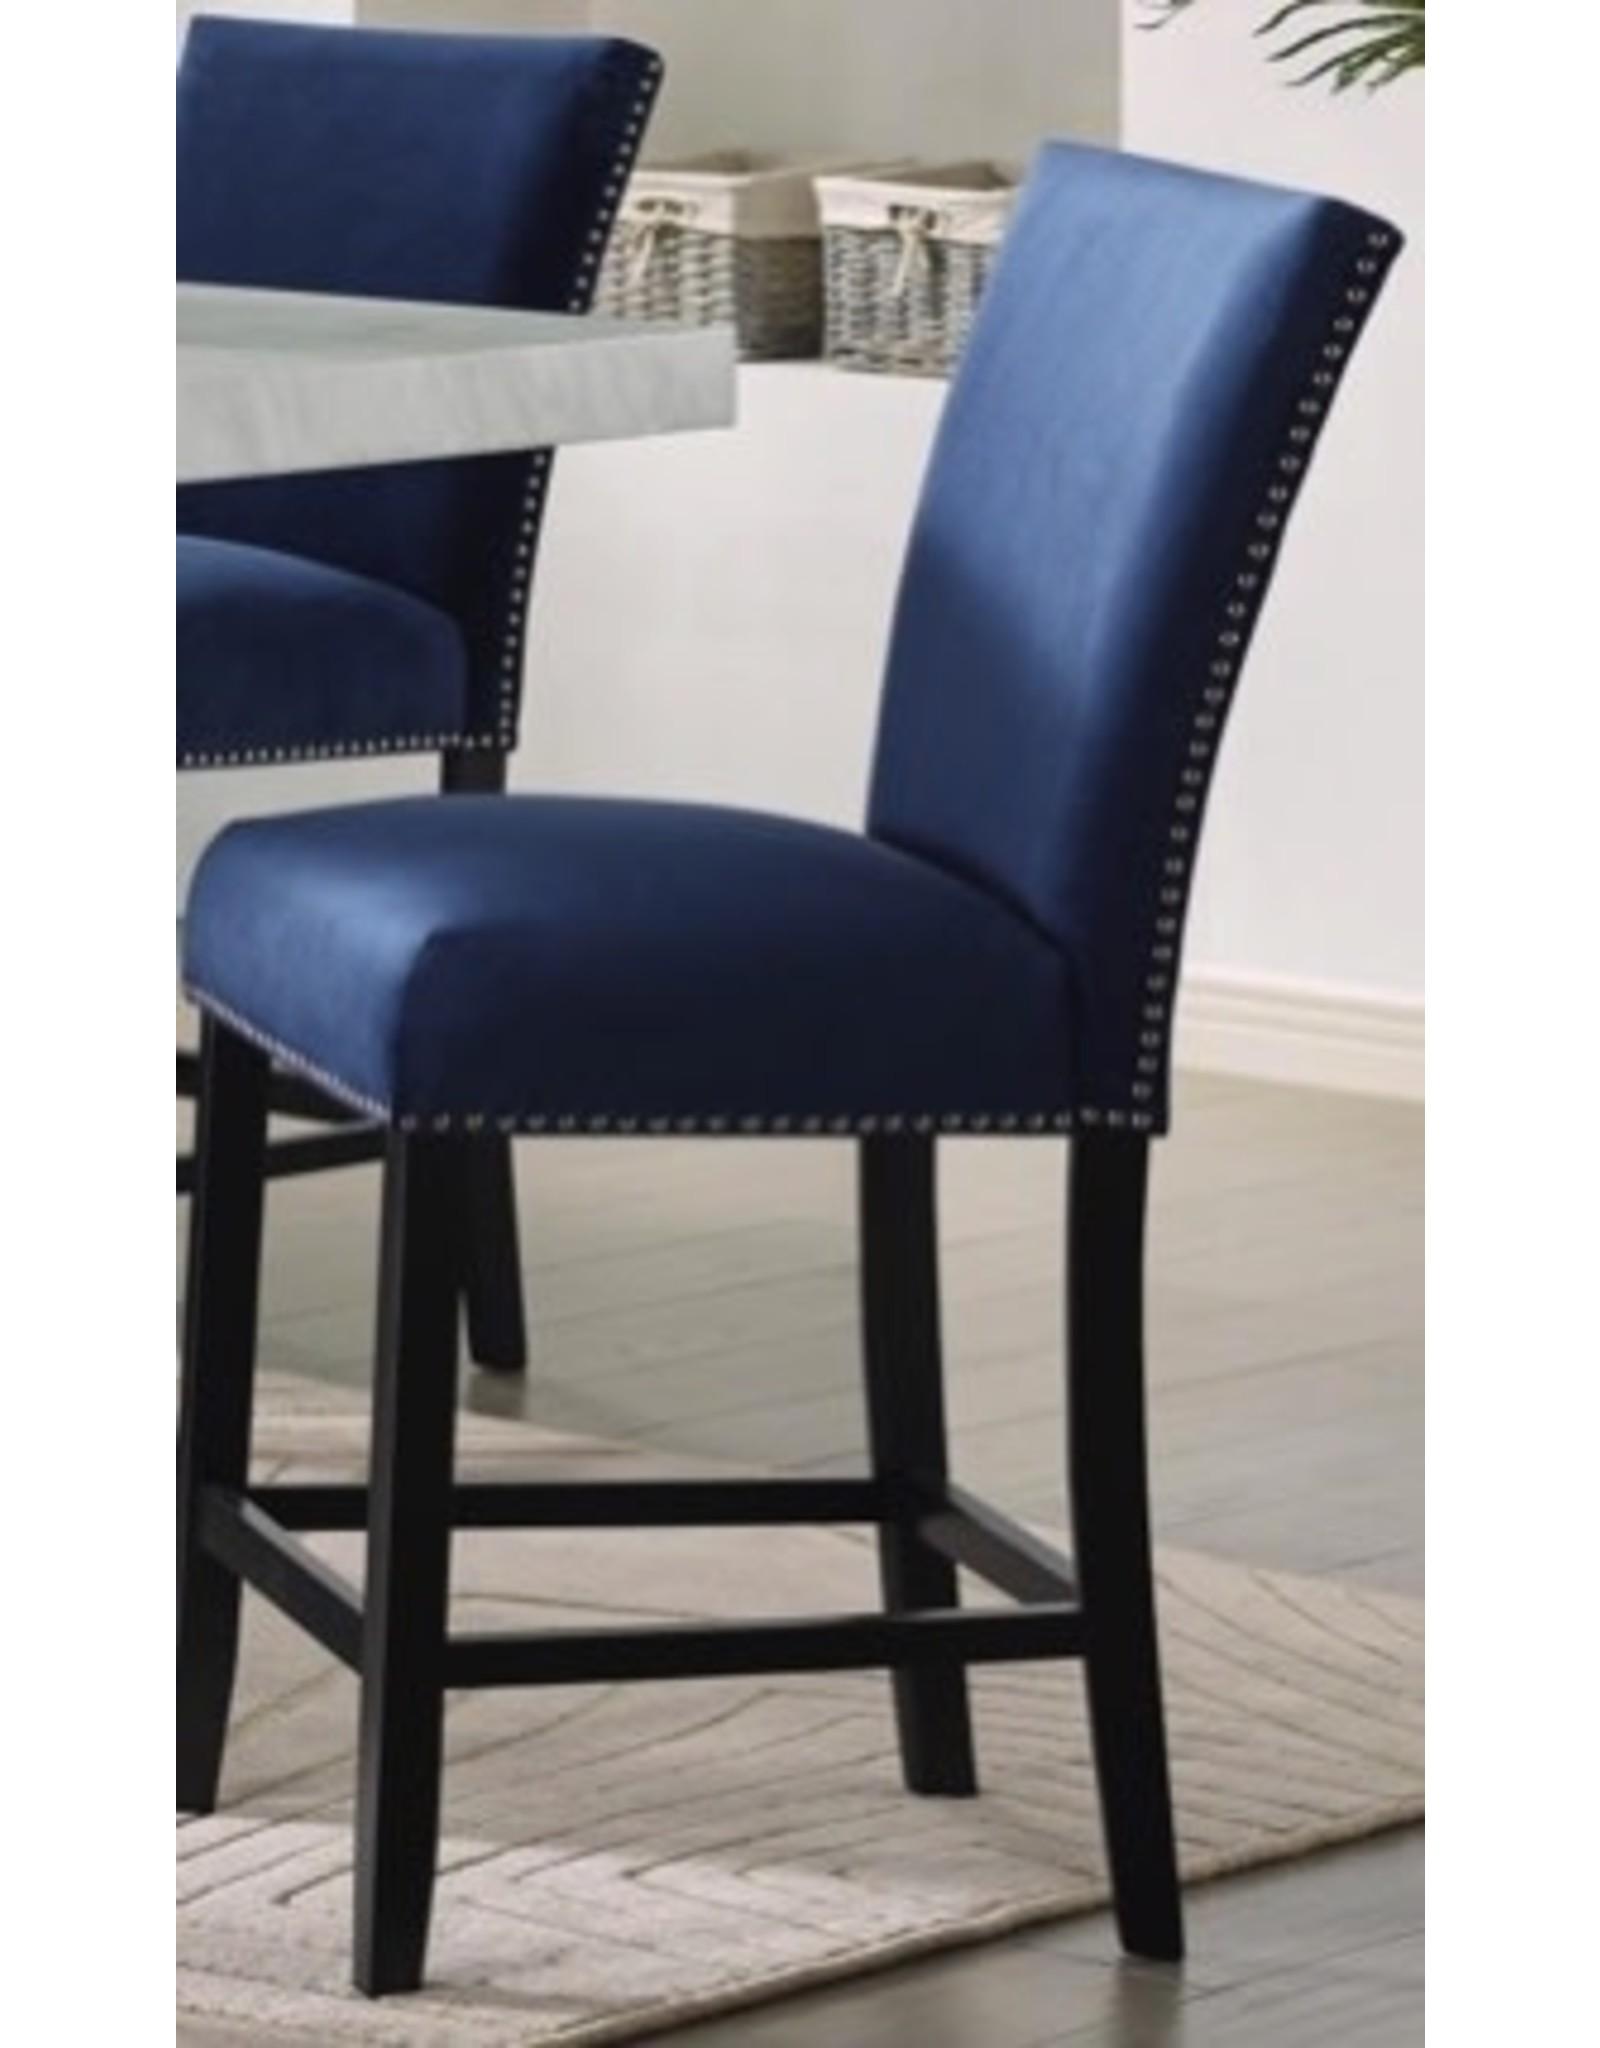 Iris IR300 Blue Counter Chair